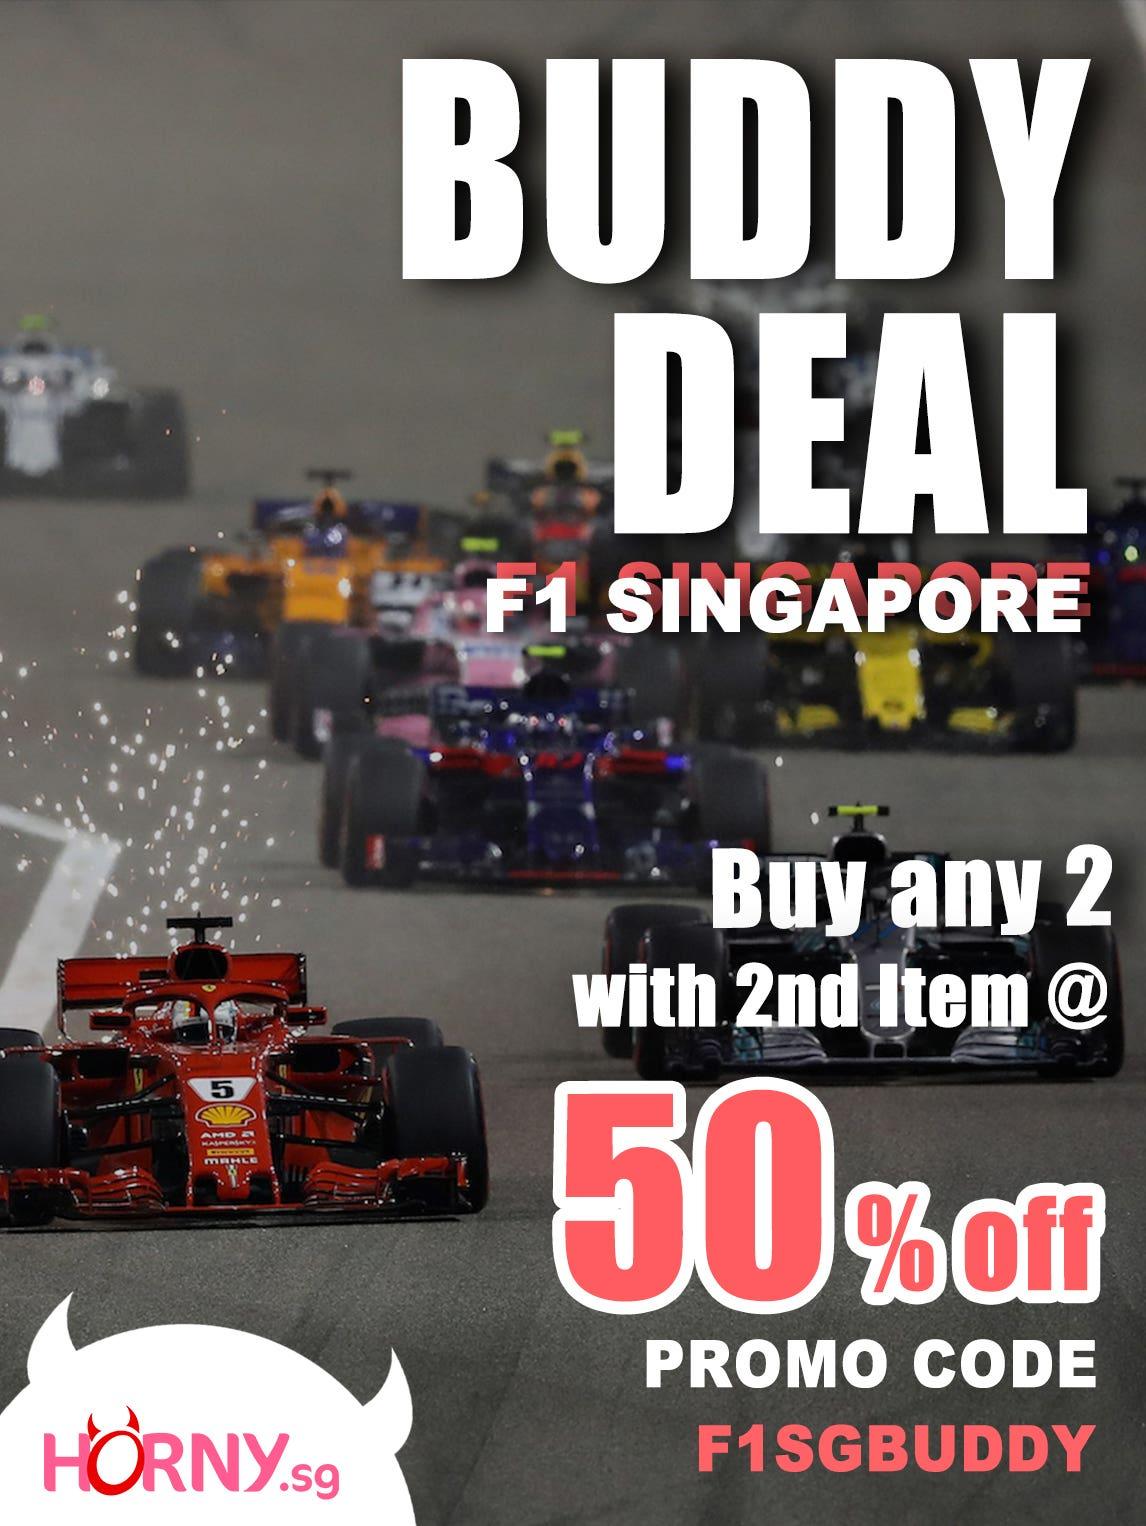 Buddy Deal